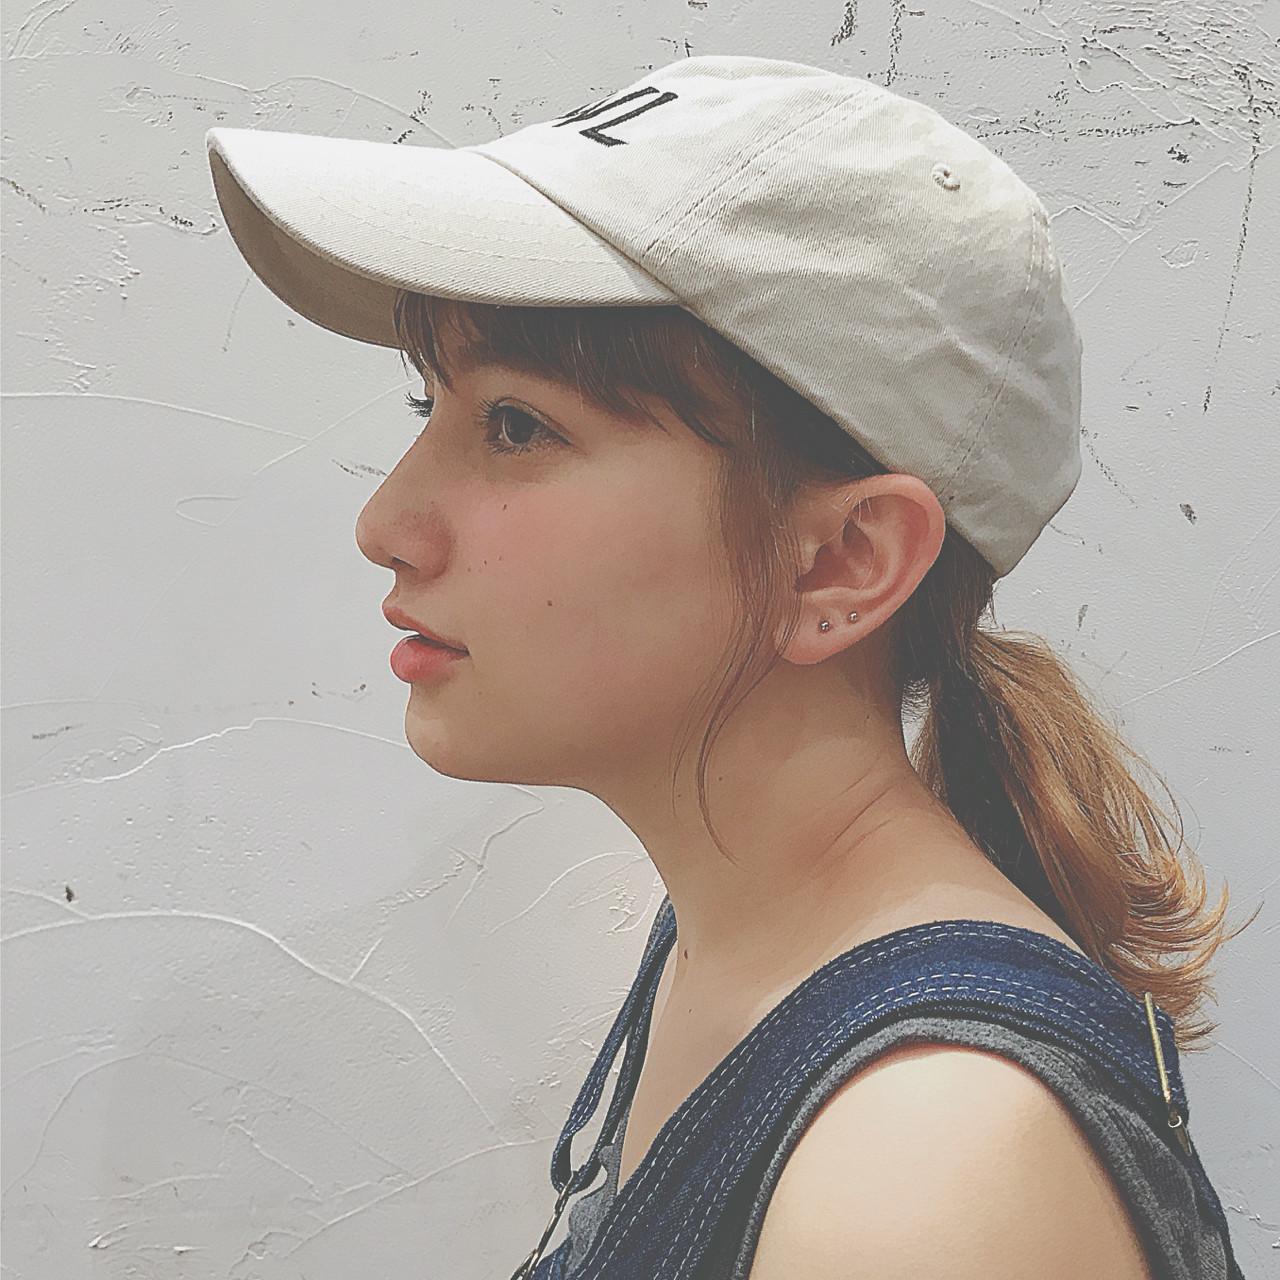 ラフアレンジの鉄板!キャップ×ローポニー 中園 香峰